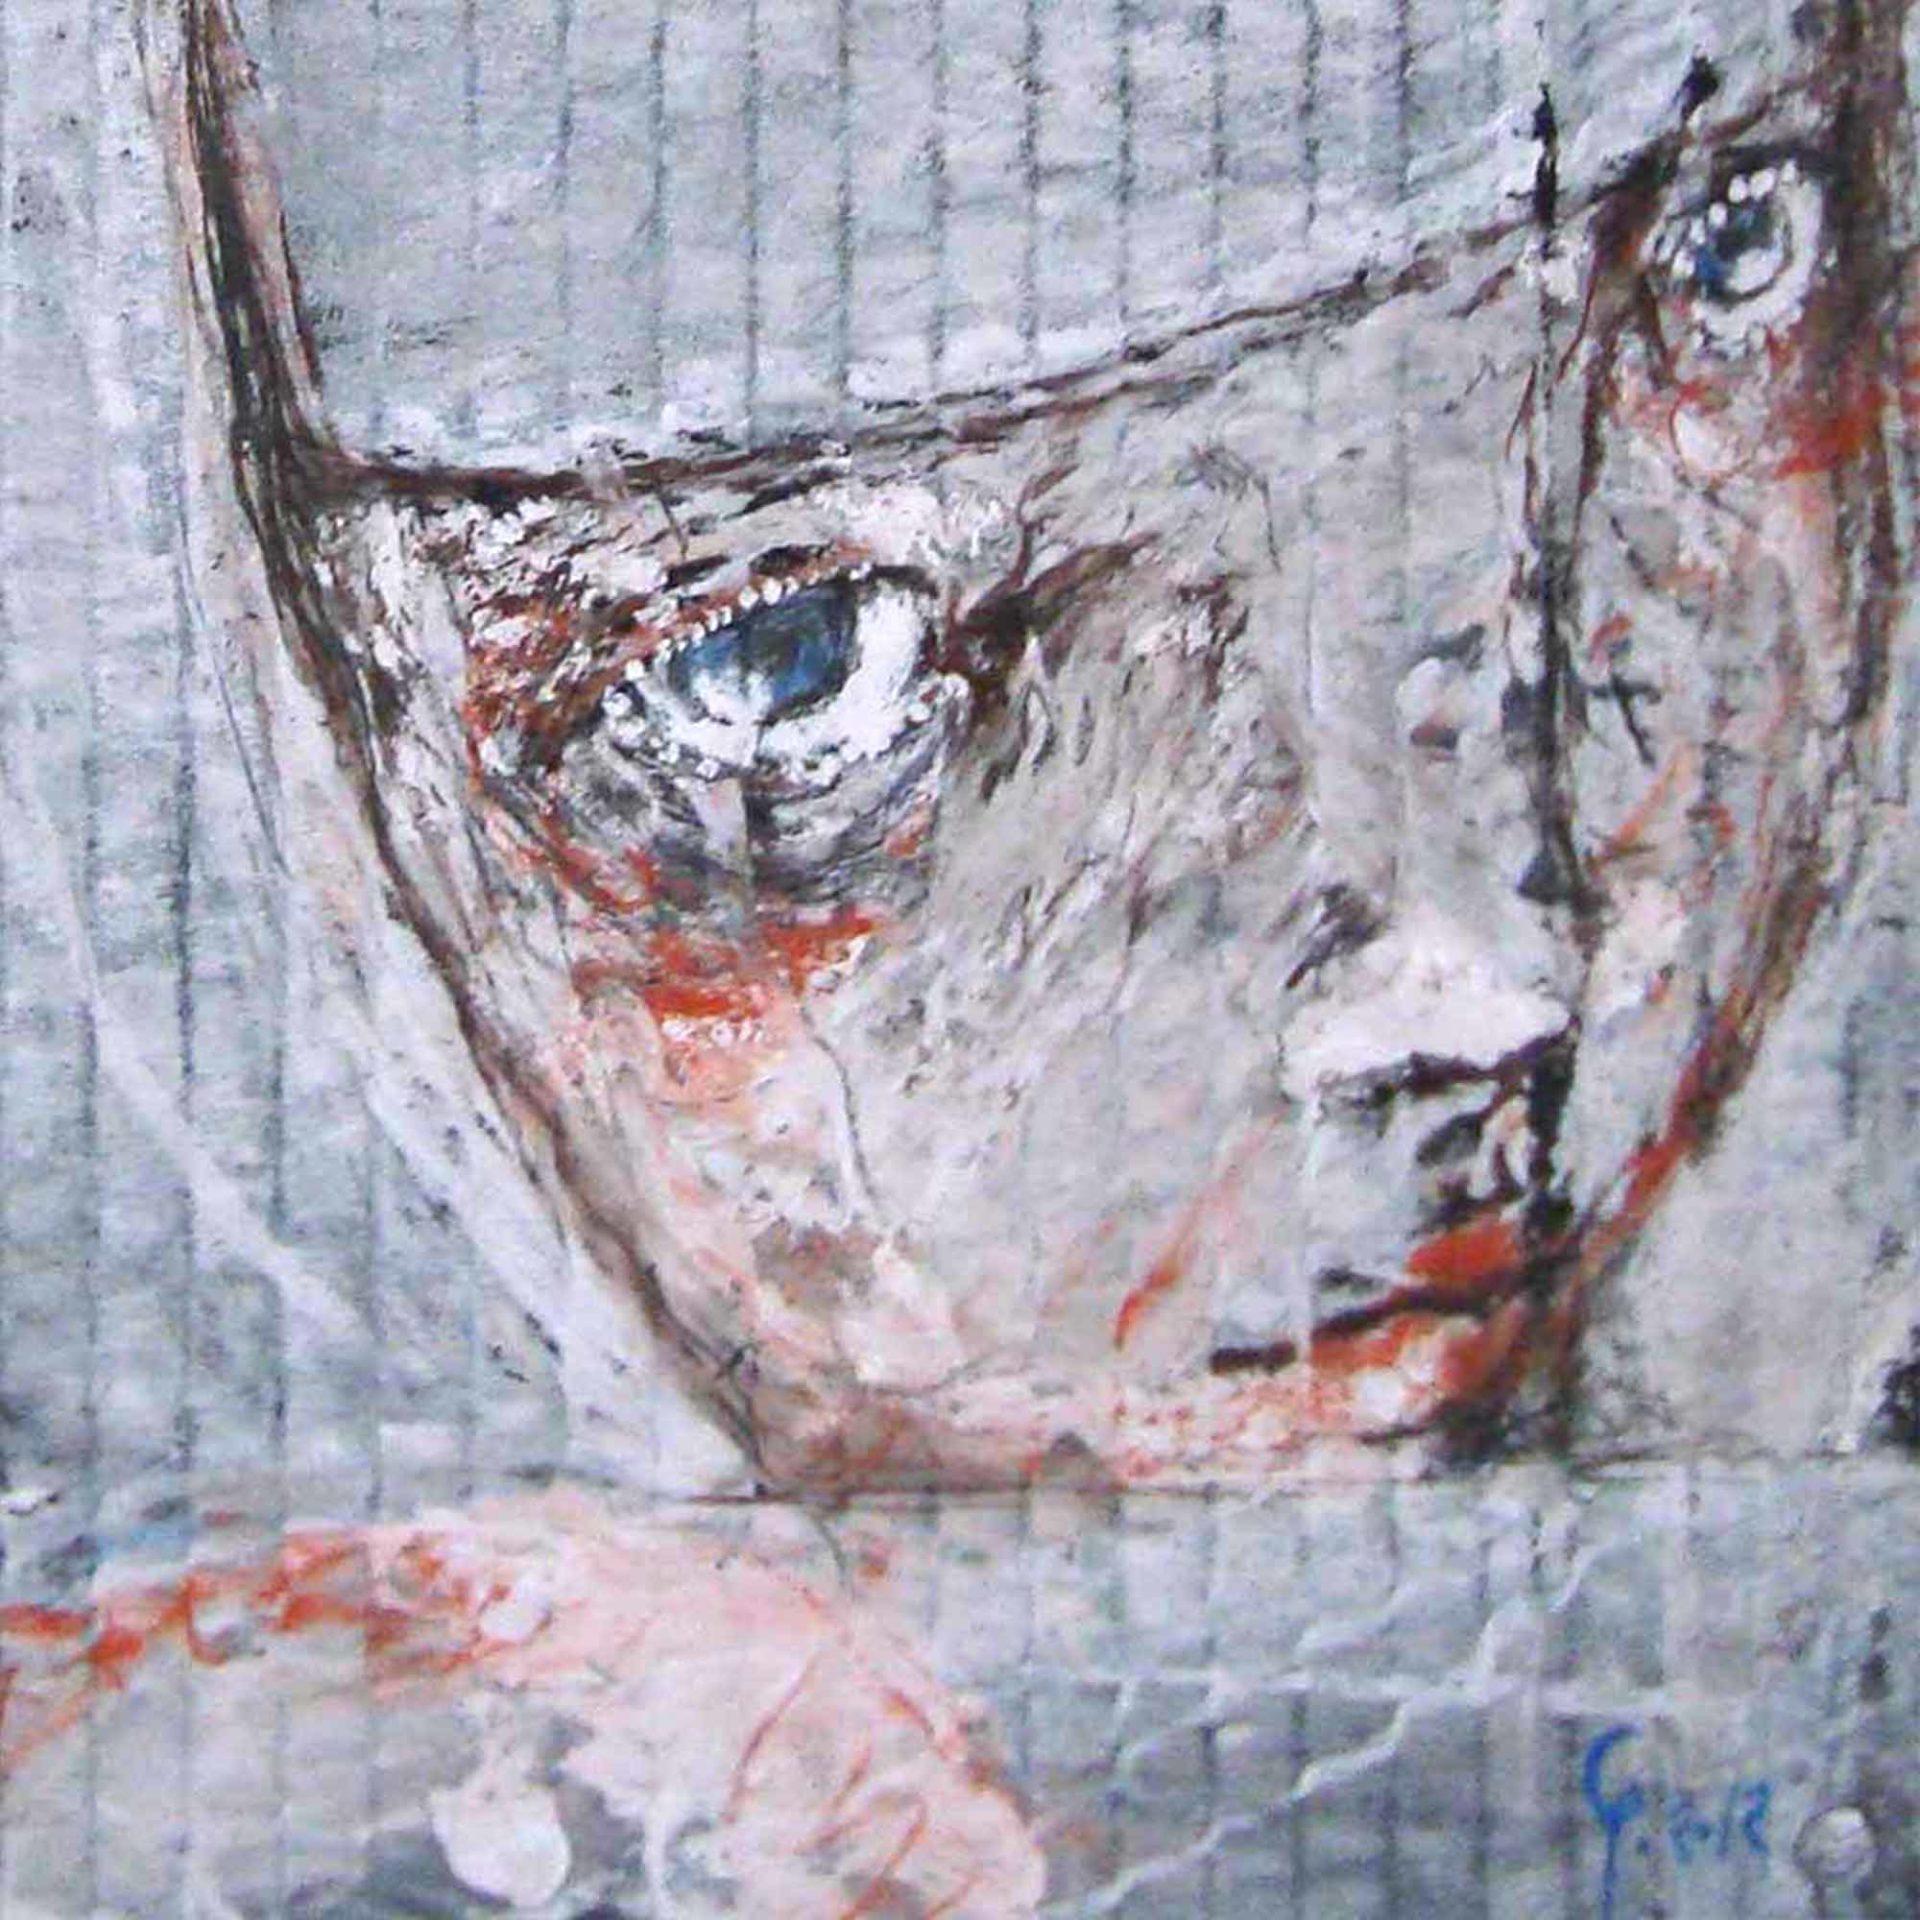 2012 Fondi Neri, Ritratto di Ragazza albina, quadro ad acrilico di Diego Gabriele